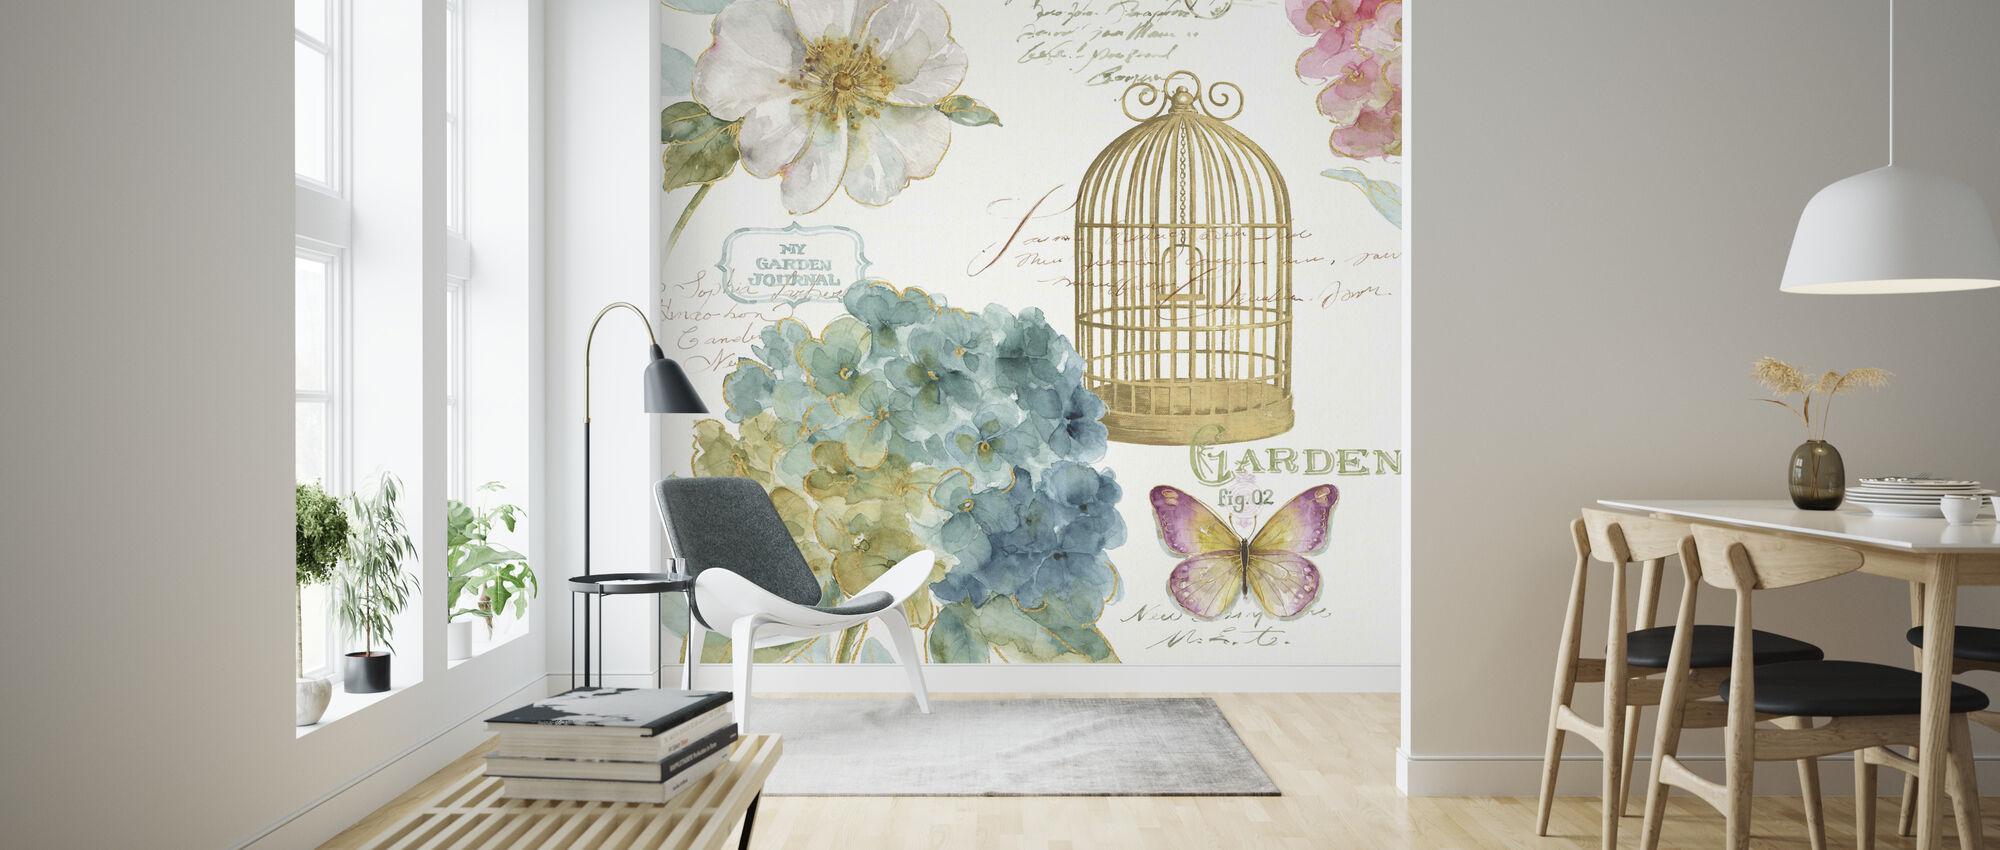 Hortensie Vogelkäfig - Tapete - Wohnzimmer